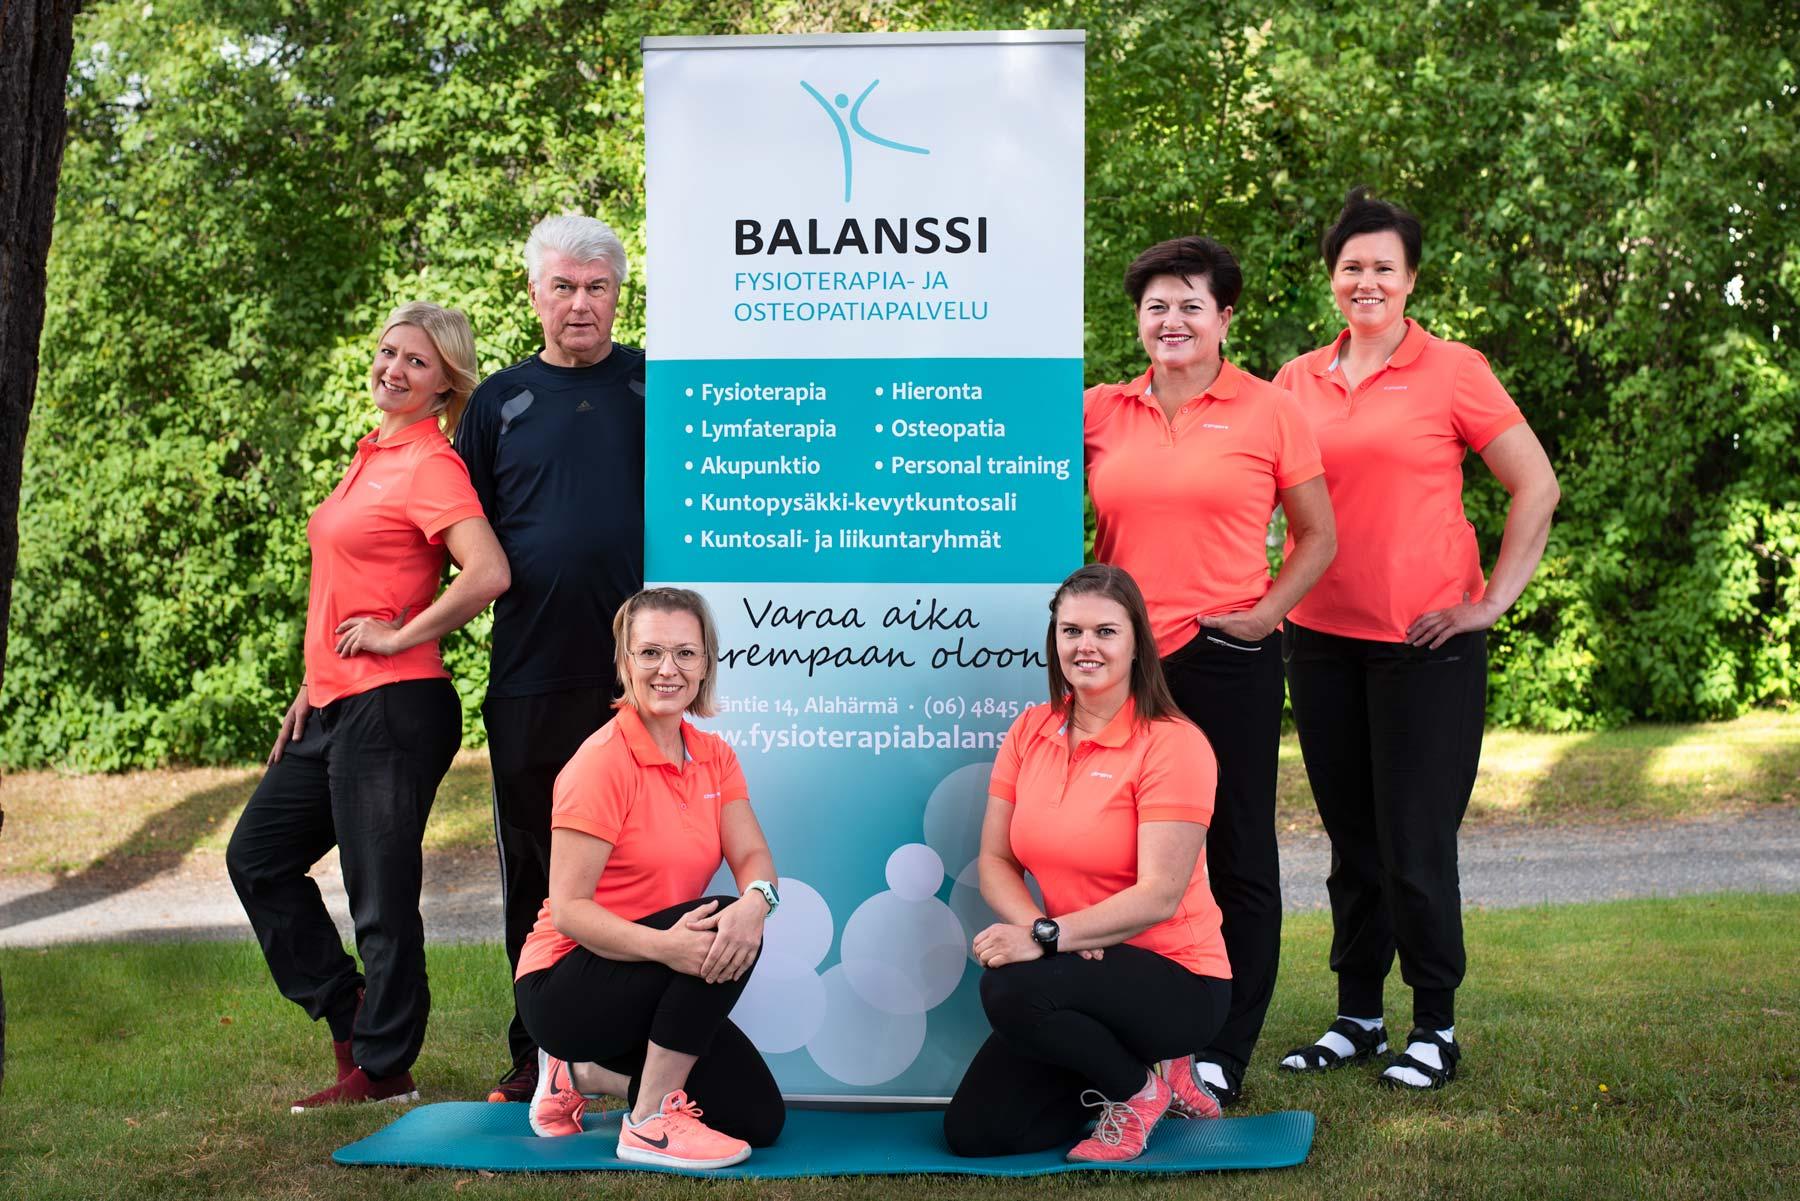 Fysioterapia- ja osteopatiapalvelu Balanssi I henkilöstökuva